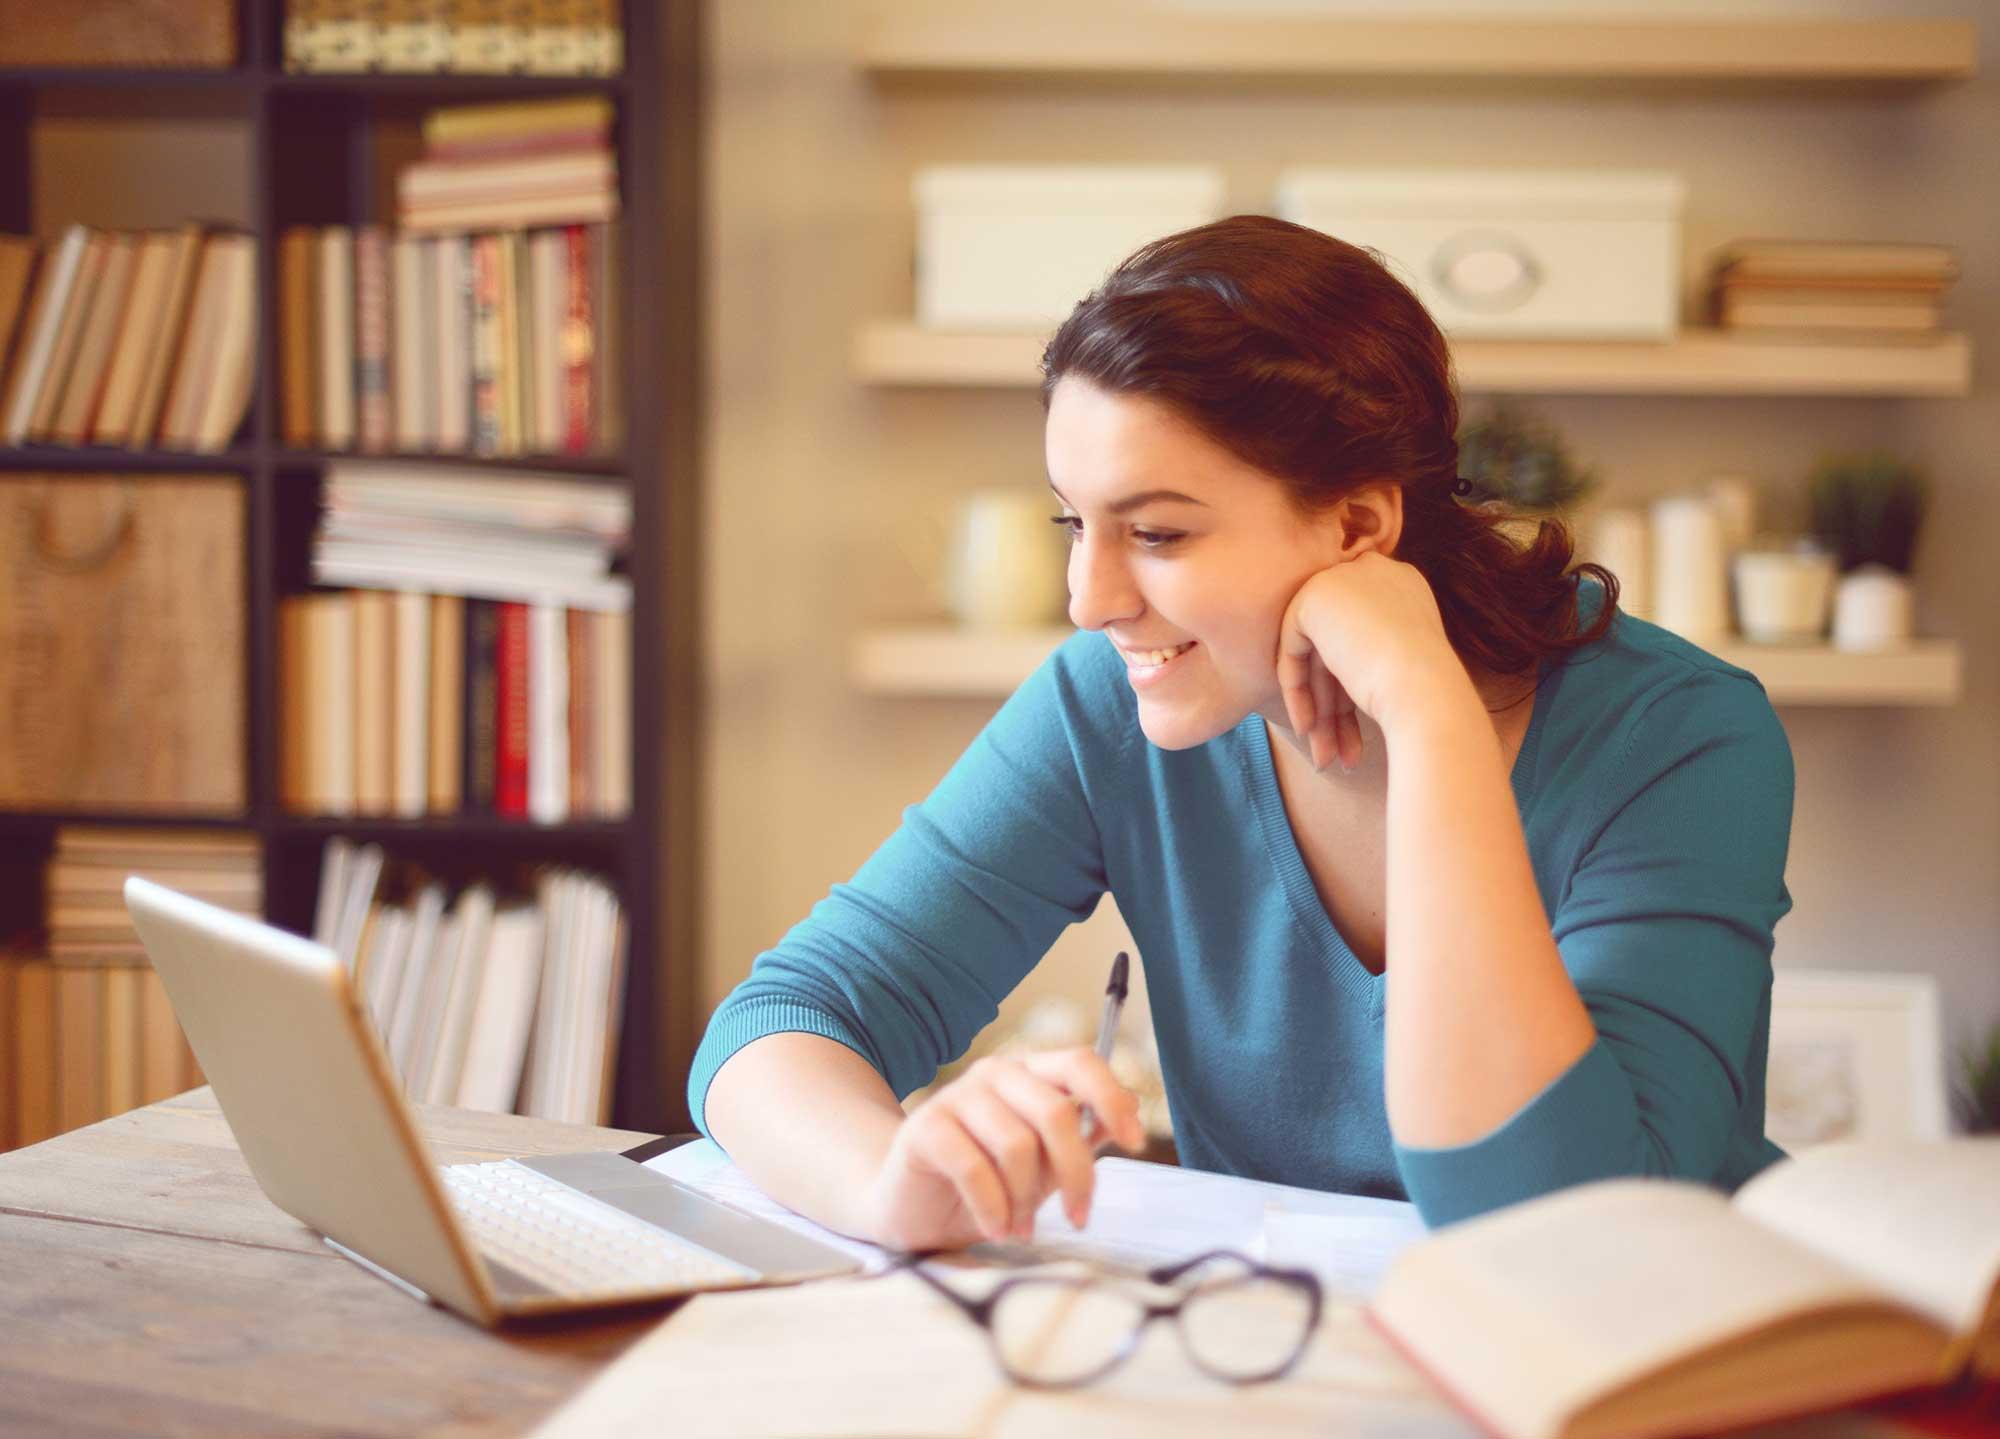 BBC 6 Minutes English là một trong các khóa học tiếng Anh online cực kỳ hiệu quả, đặc biệt cho đối tượng mới bắt đầu